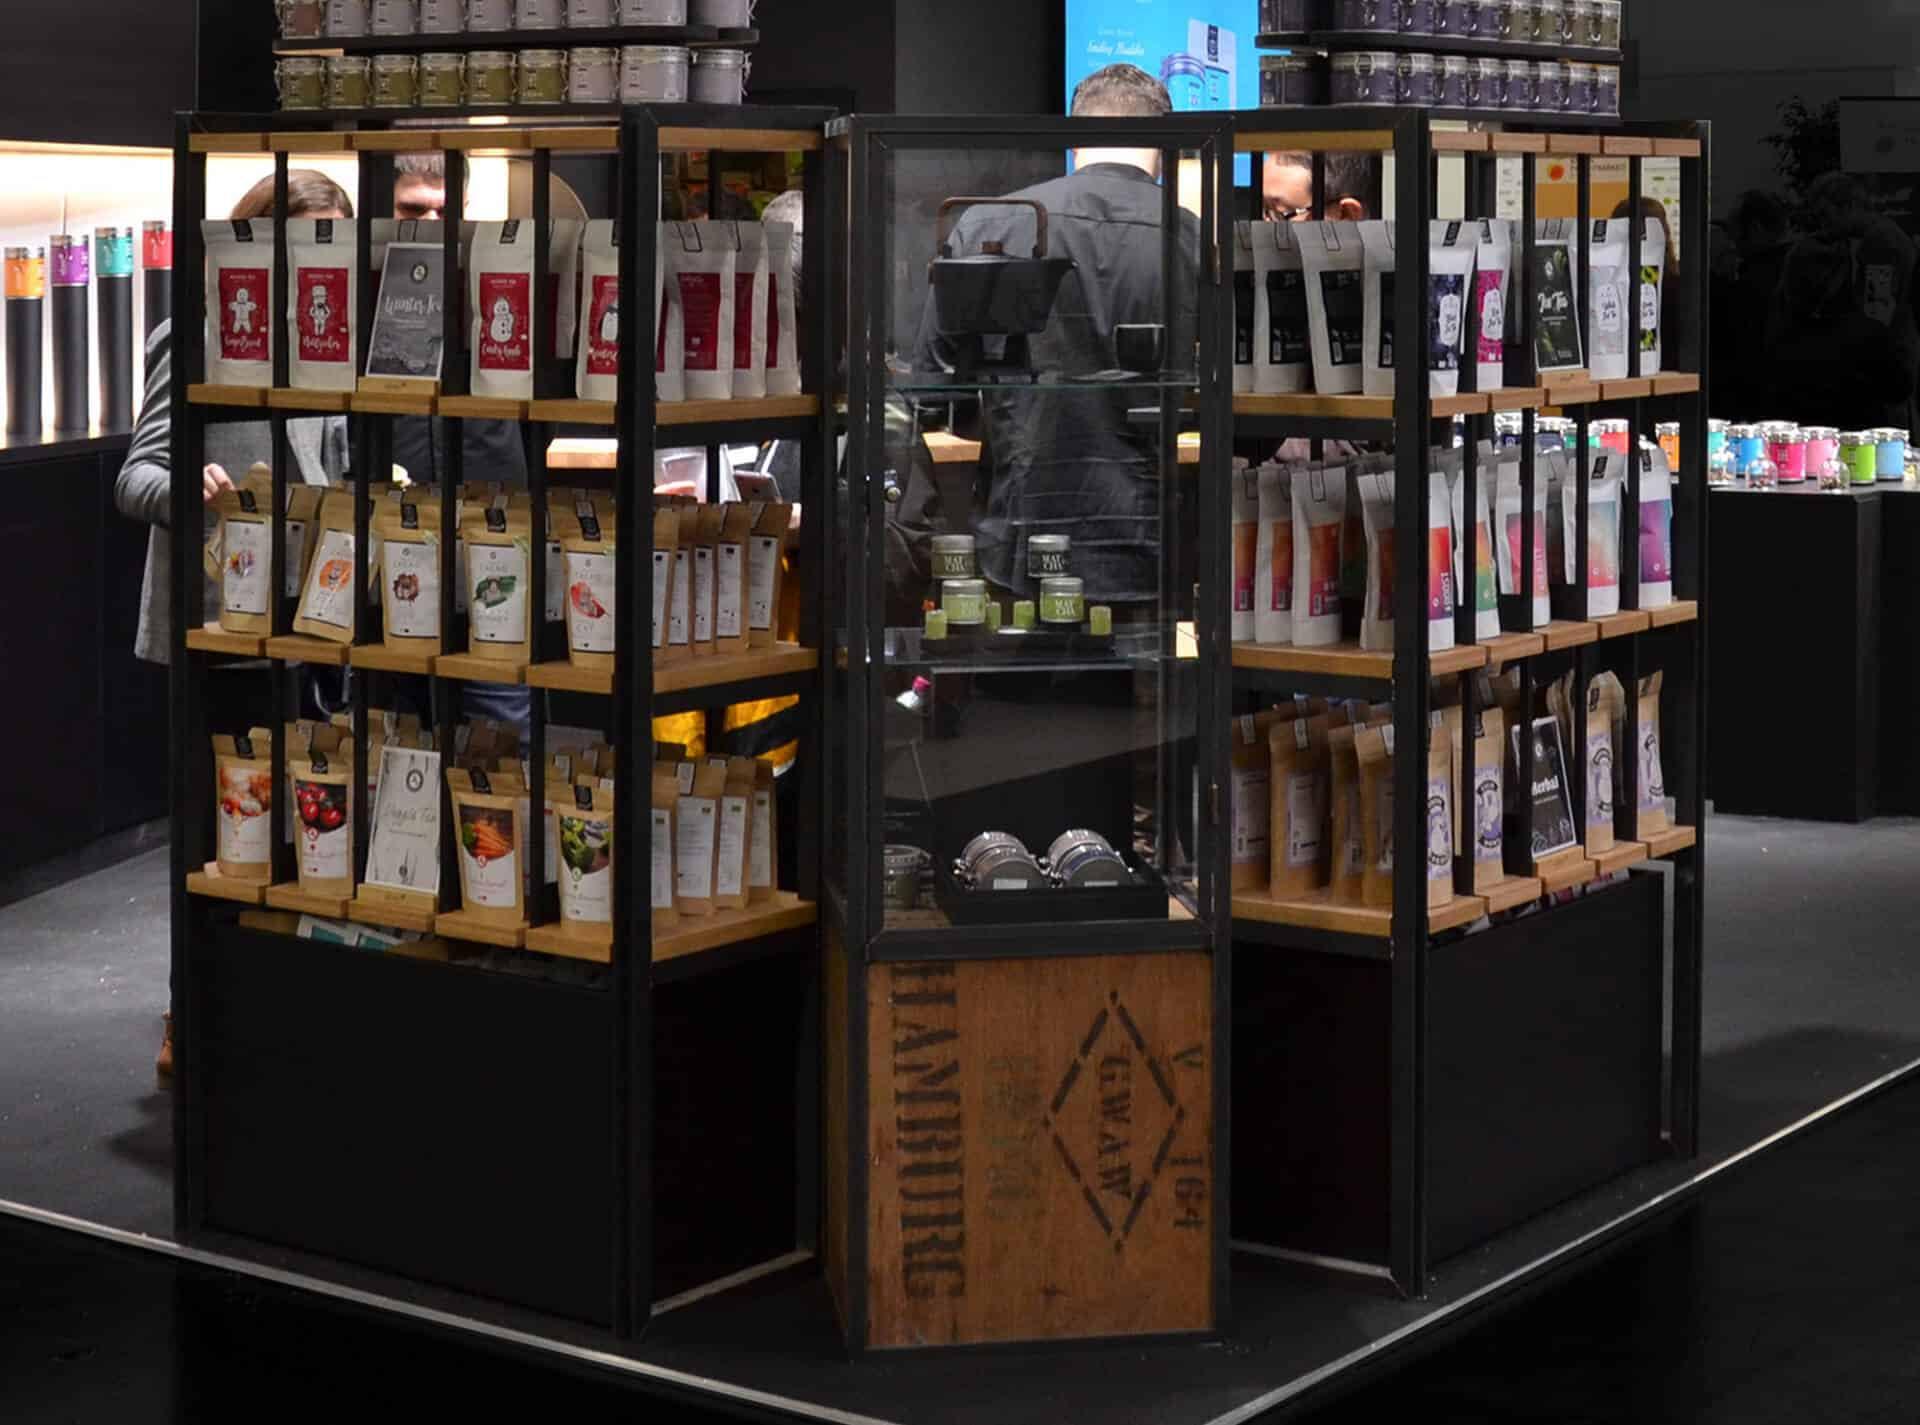 verschließbare Vitrine für wertvolles Tee-Zubehör designed aus Tee-Kisten Stahl und Glas von Lange Architekten für alveus Tea-Stores weltweit